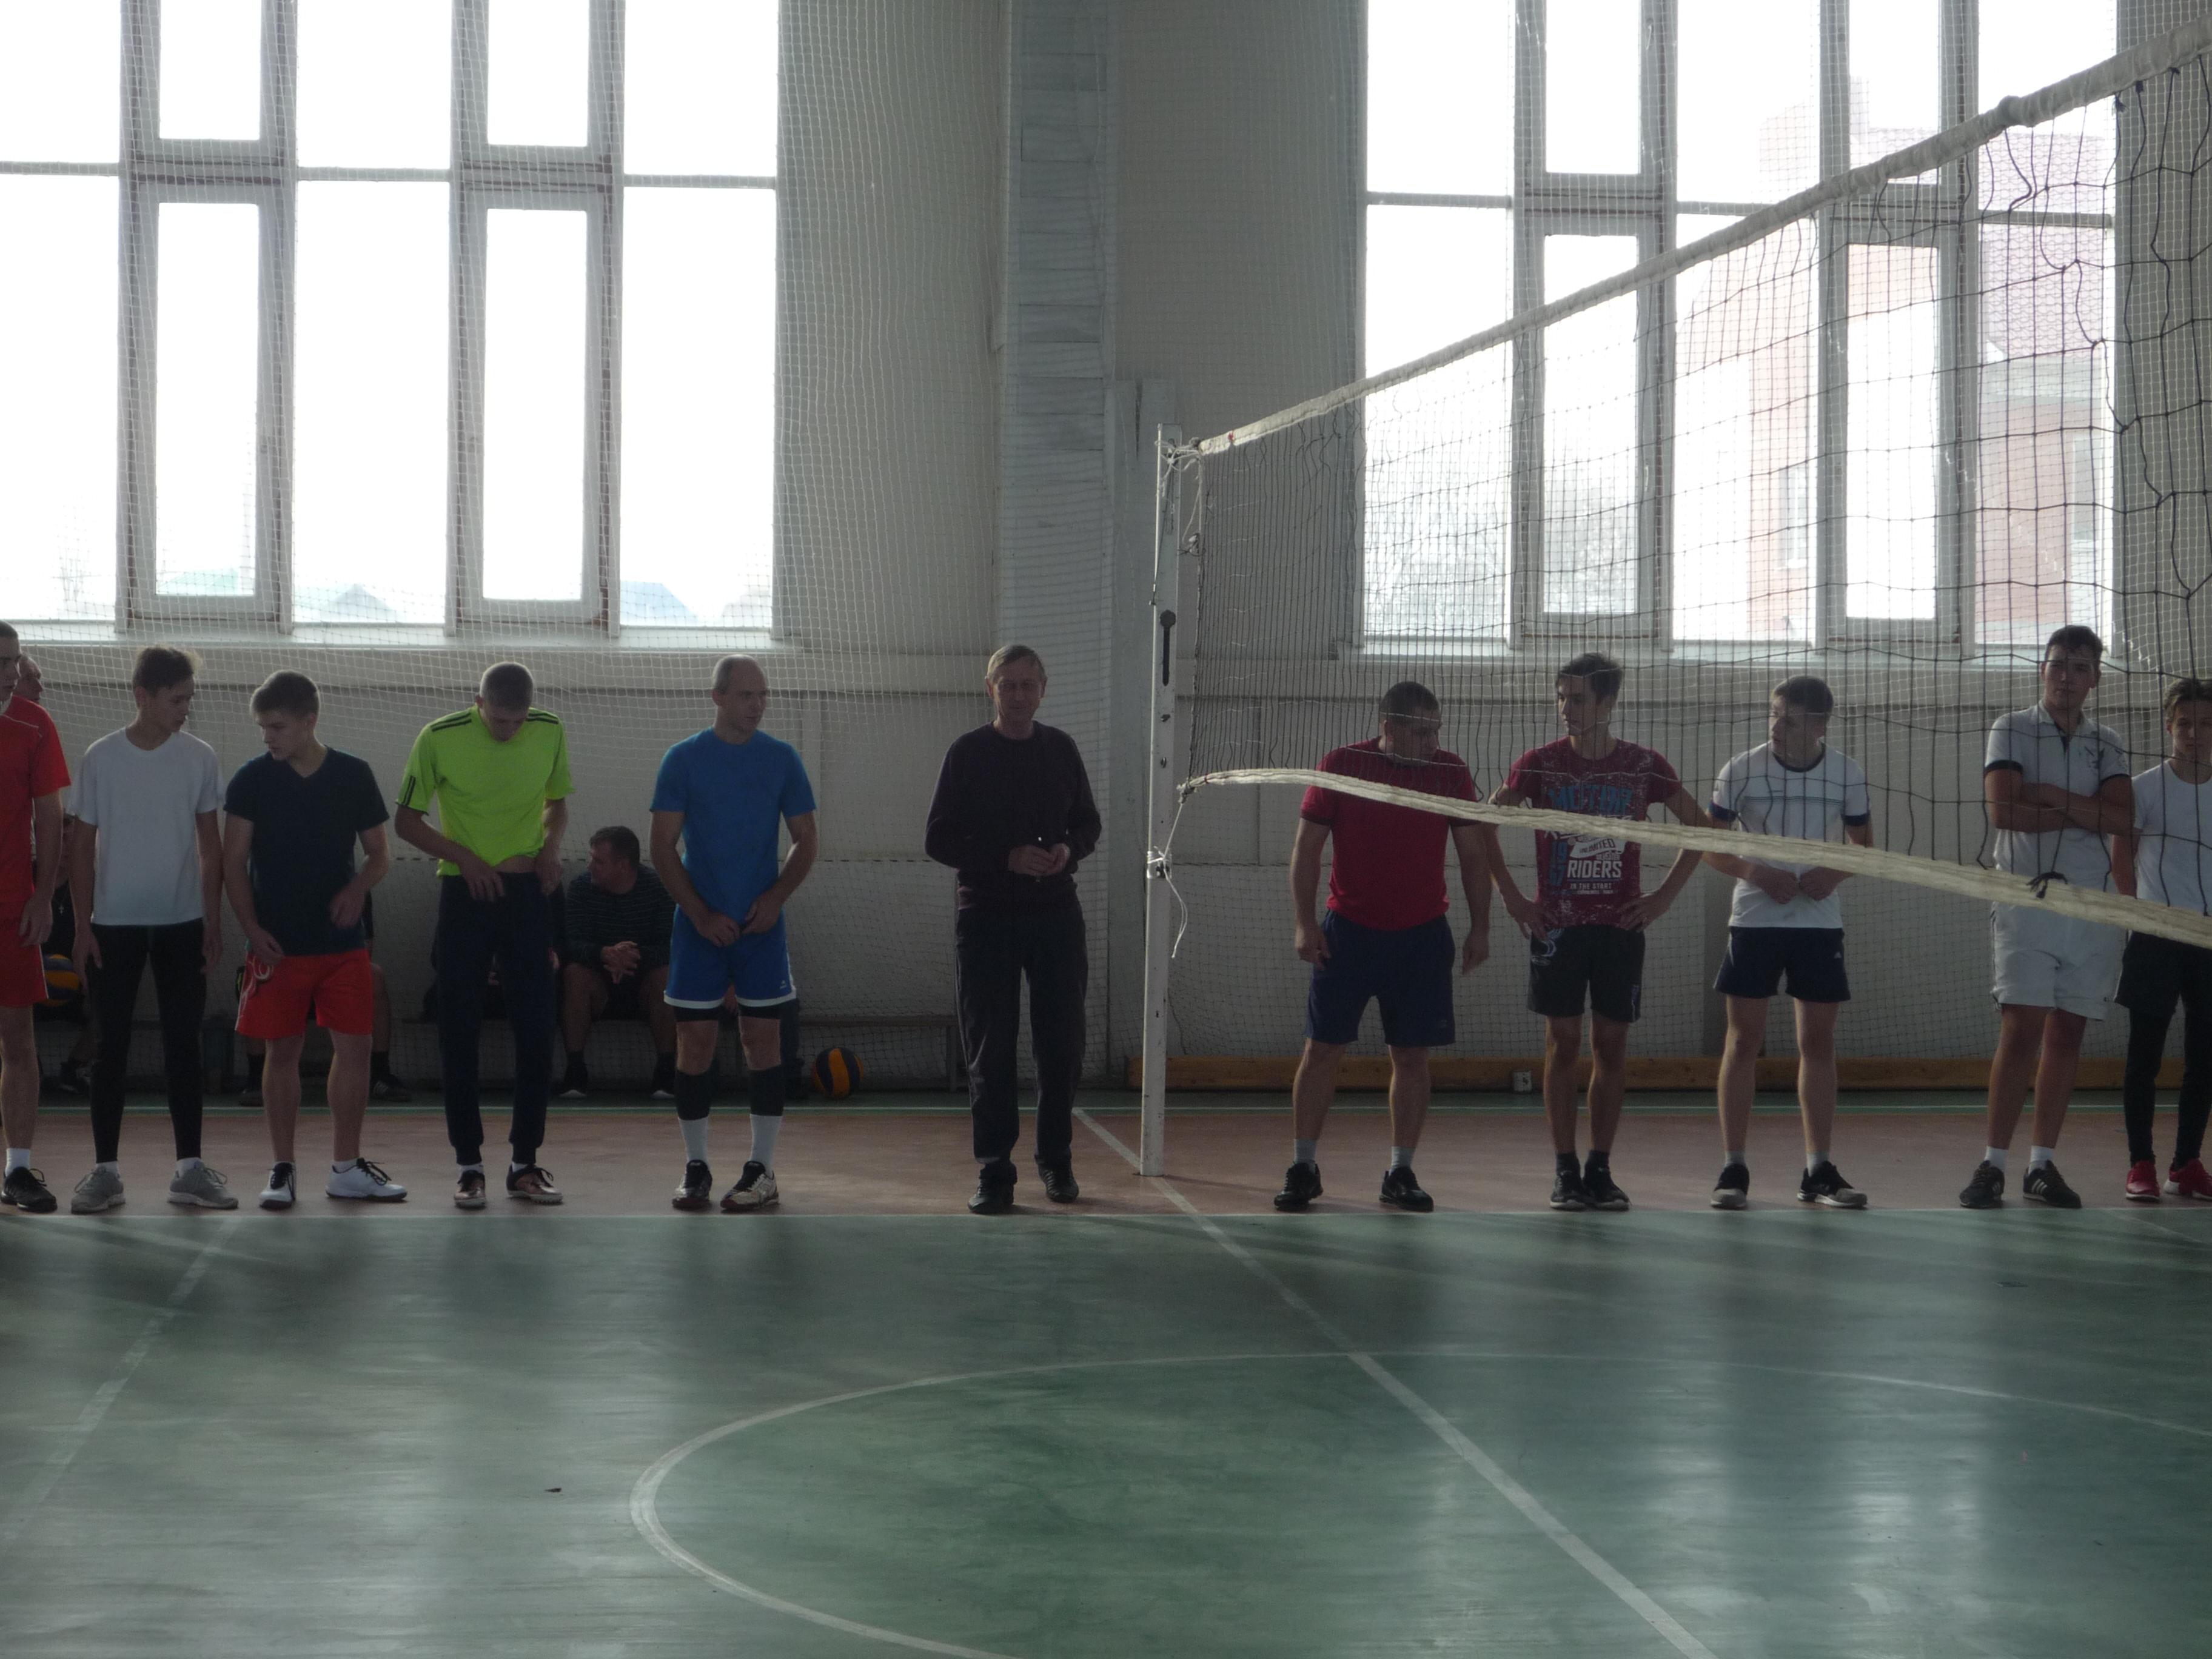 Альбом В спорткомплексе р.п. Токаревка прошли соревнования по волейболу и мини-футболу в рамках празднования Дня народного единства.